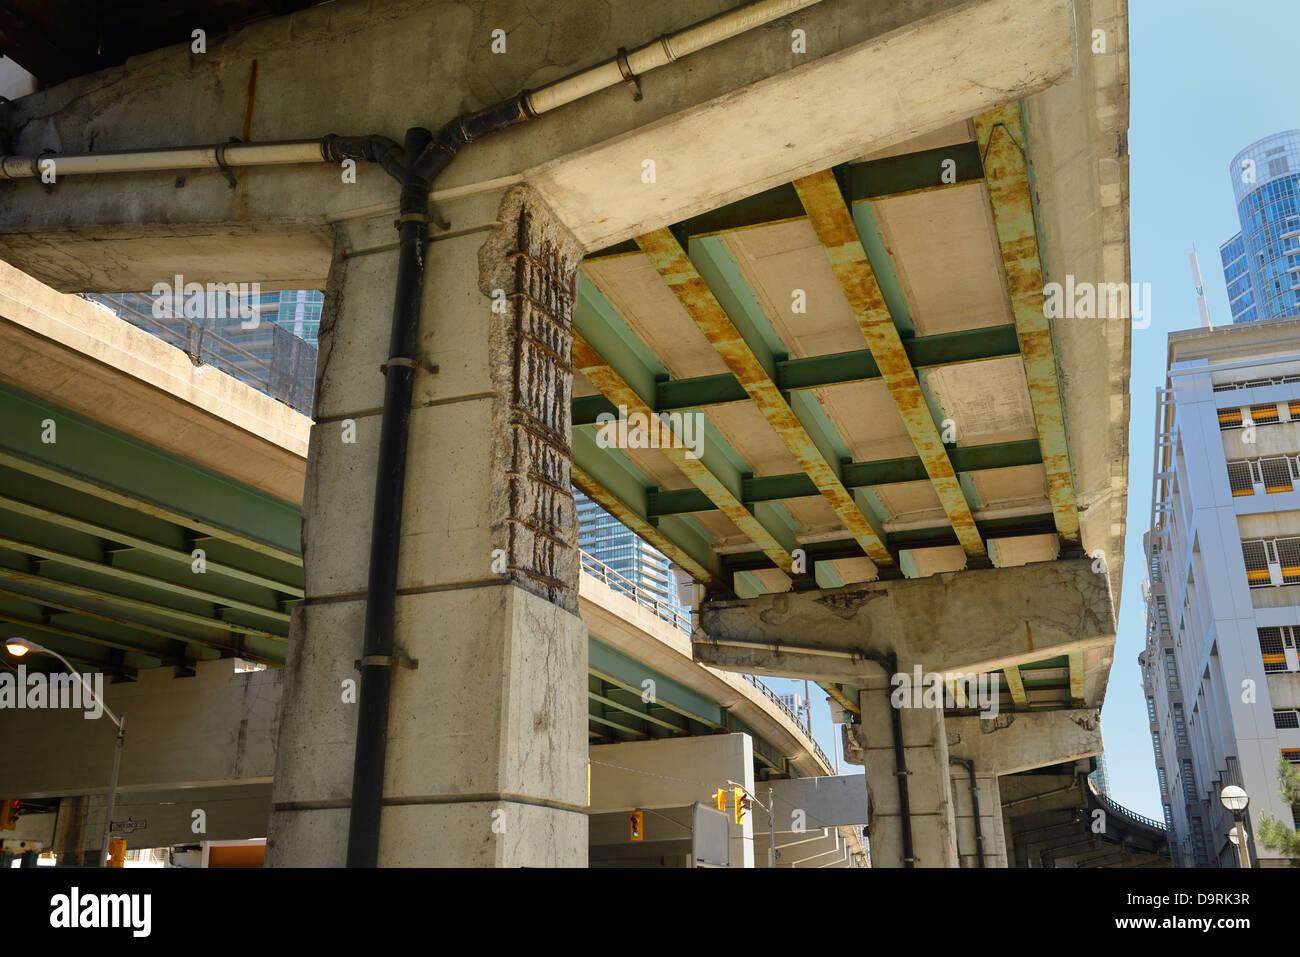 Zerbröckelnden Beton und Rost unter dem Gardiner Expressway in der Innenstadt von Toronto Infrastruktur Rückgang Stockbild